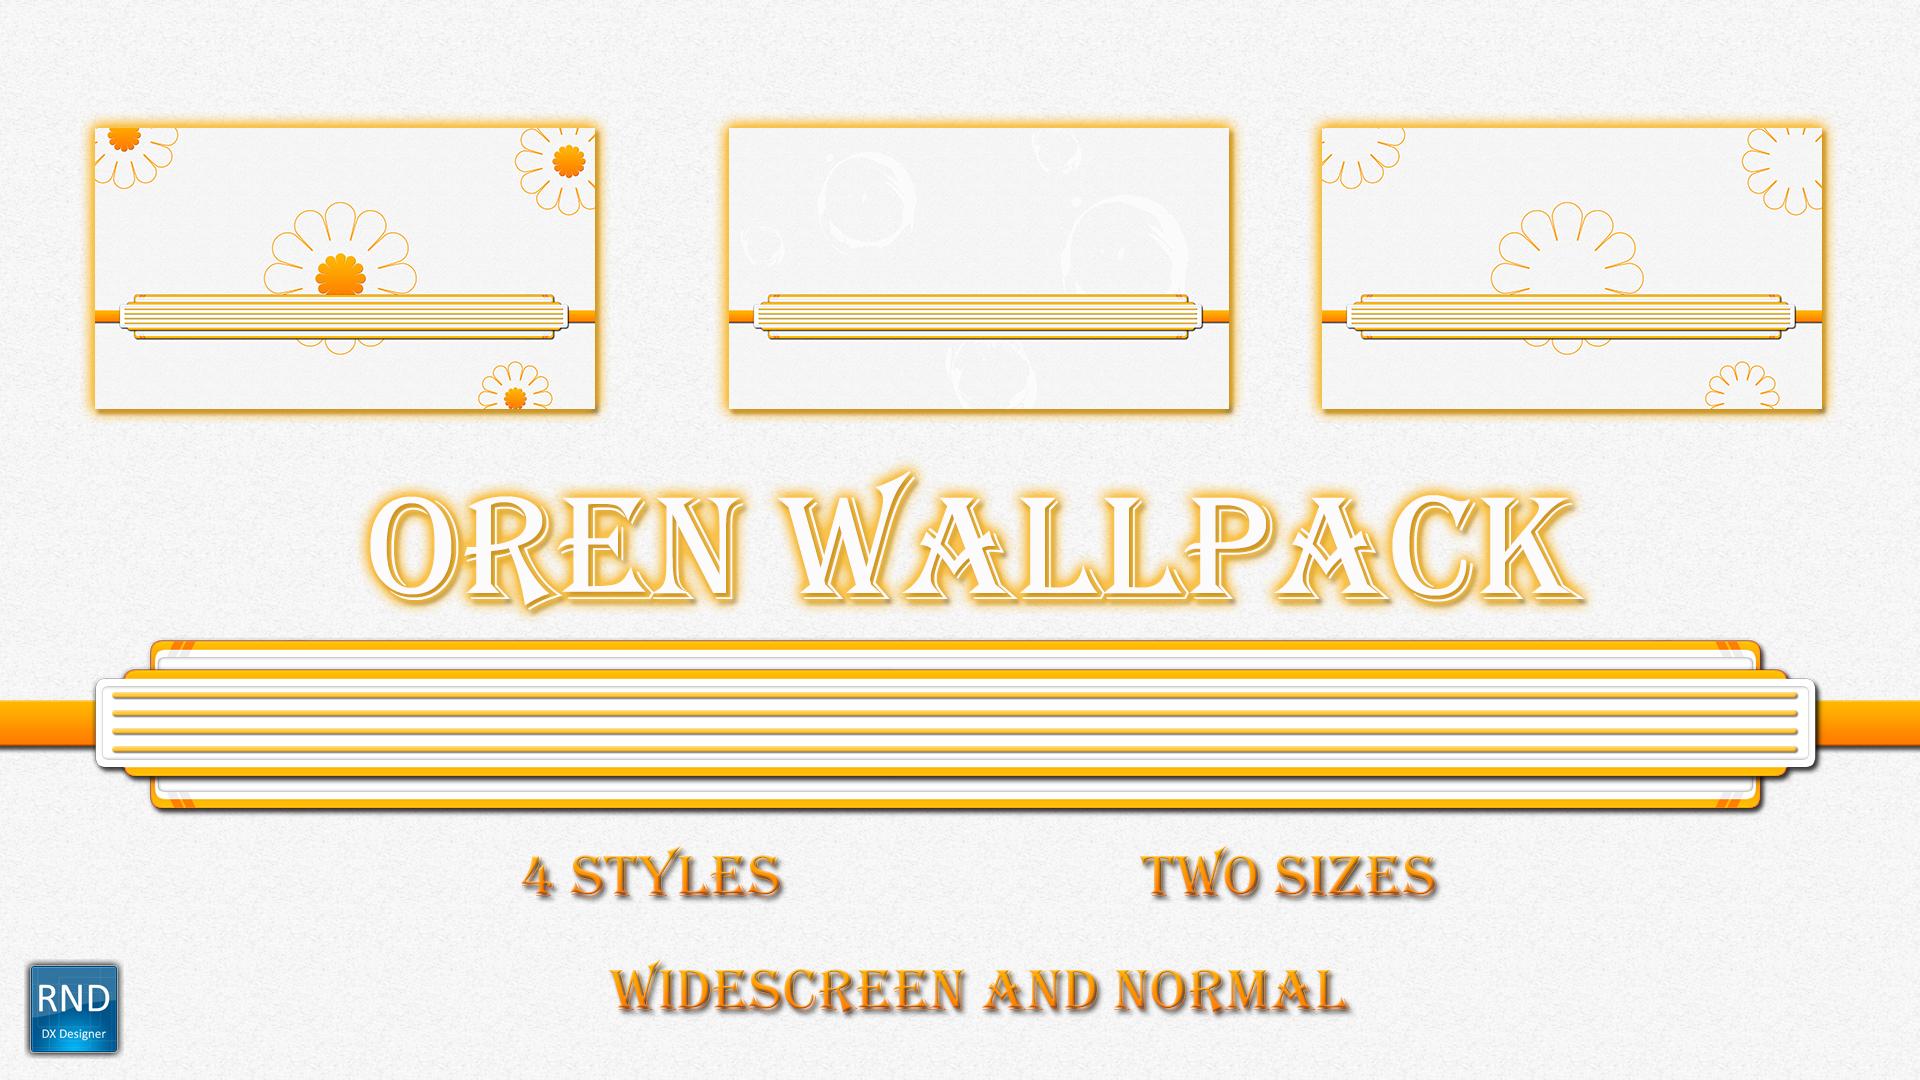 Oren Wallpack